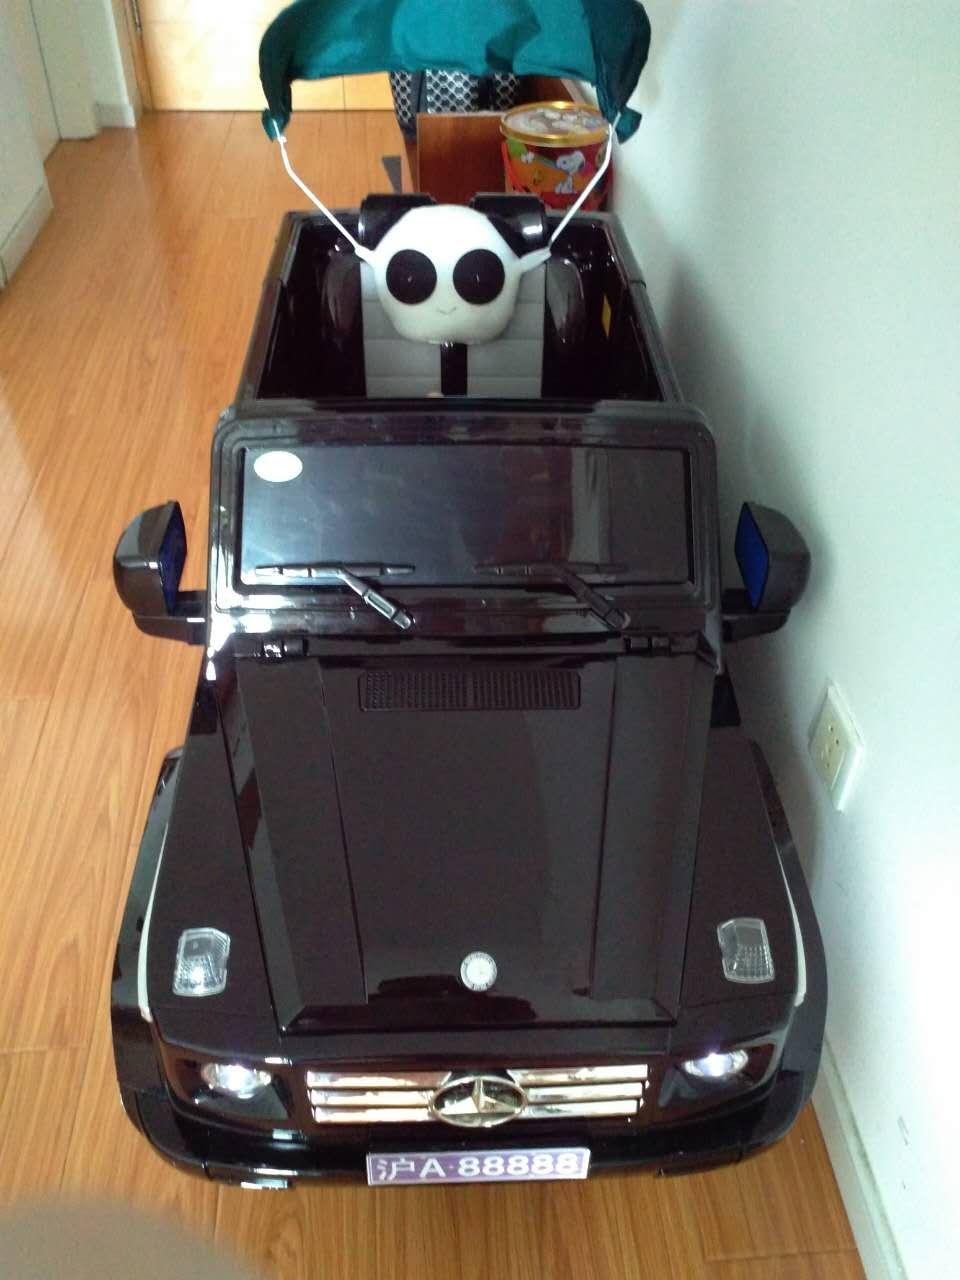 奔驰儿童电动车求转让高清图片